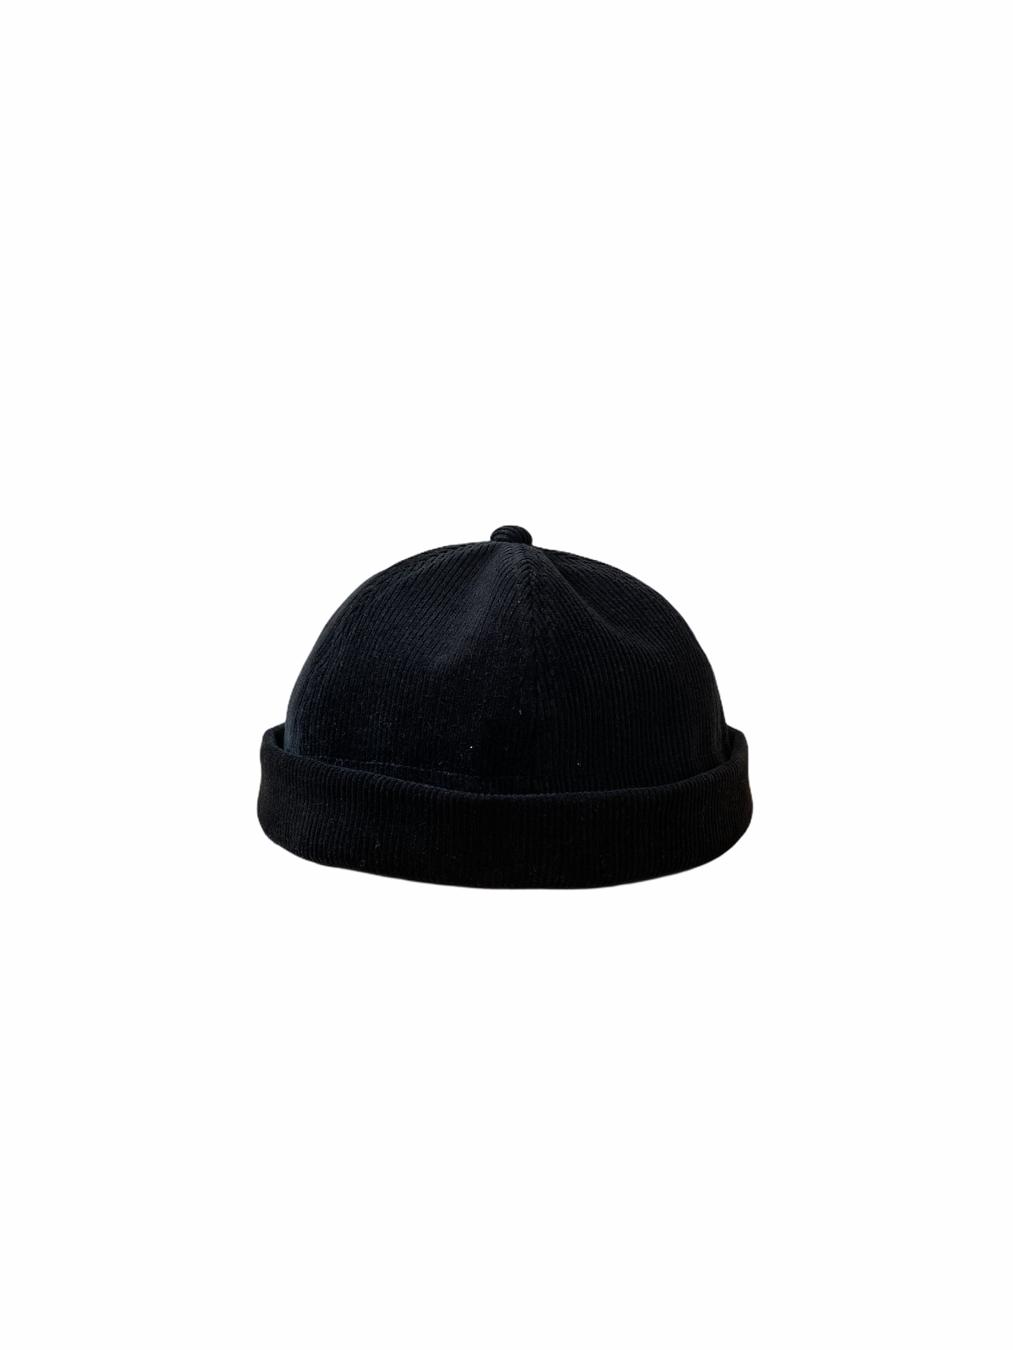 Miki Cap (Black)